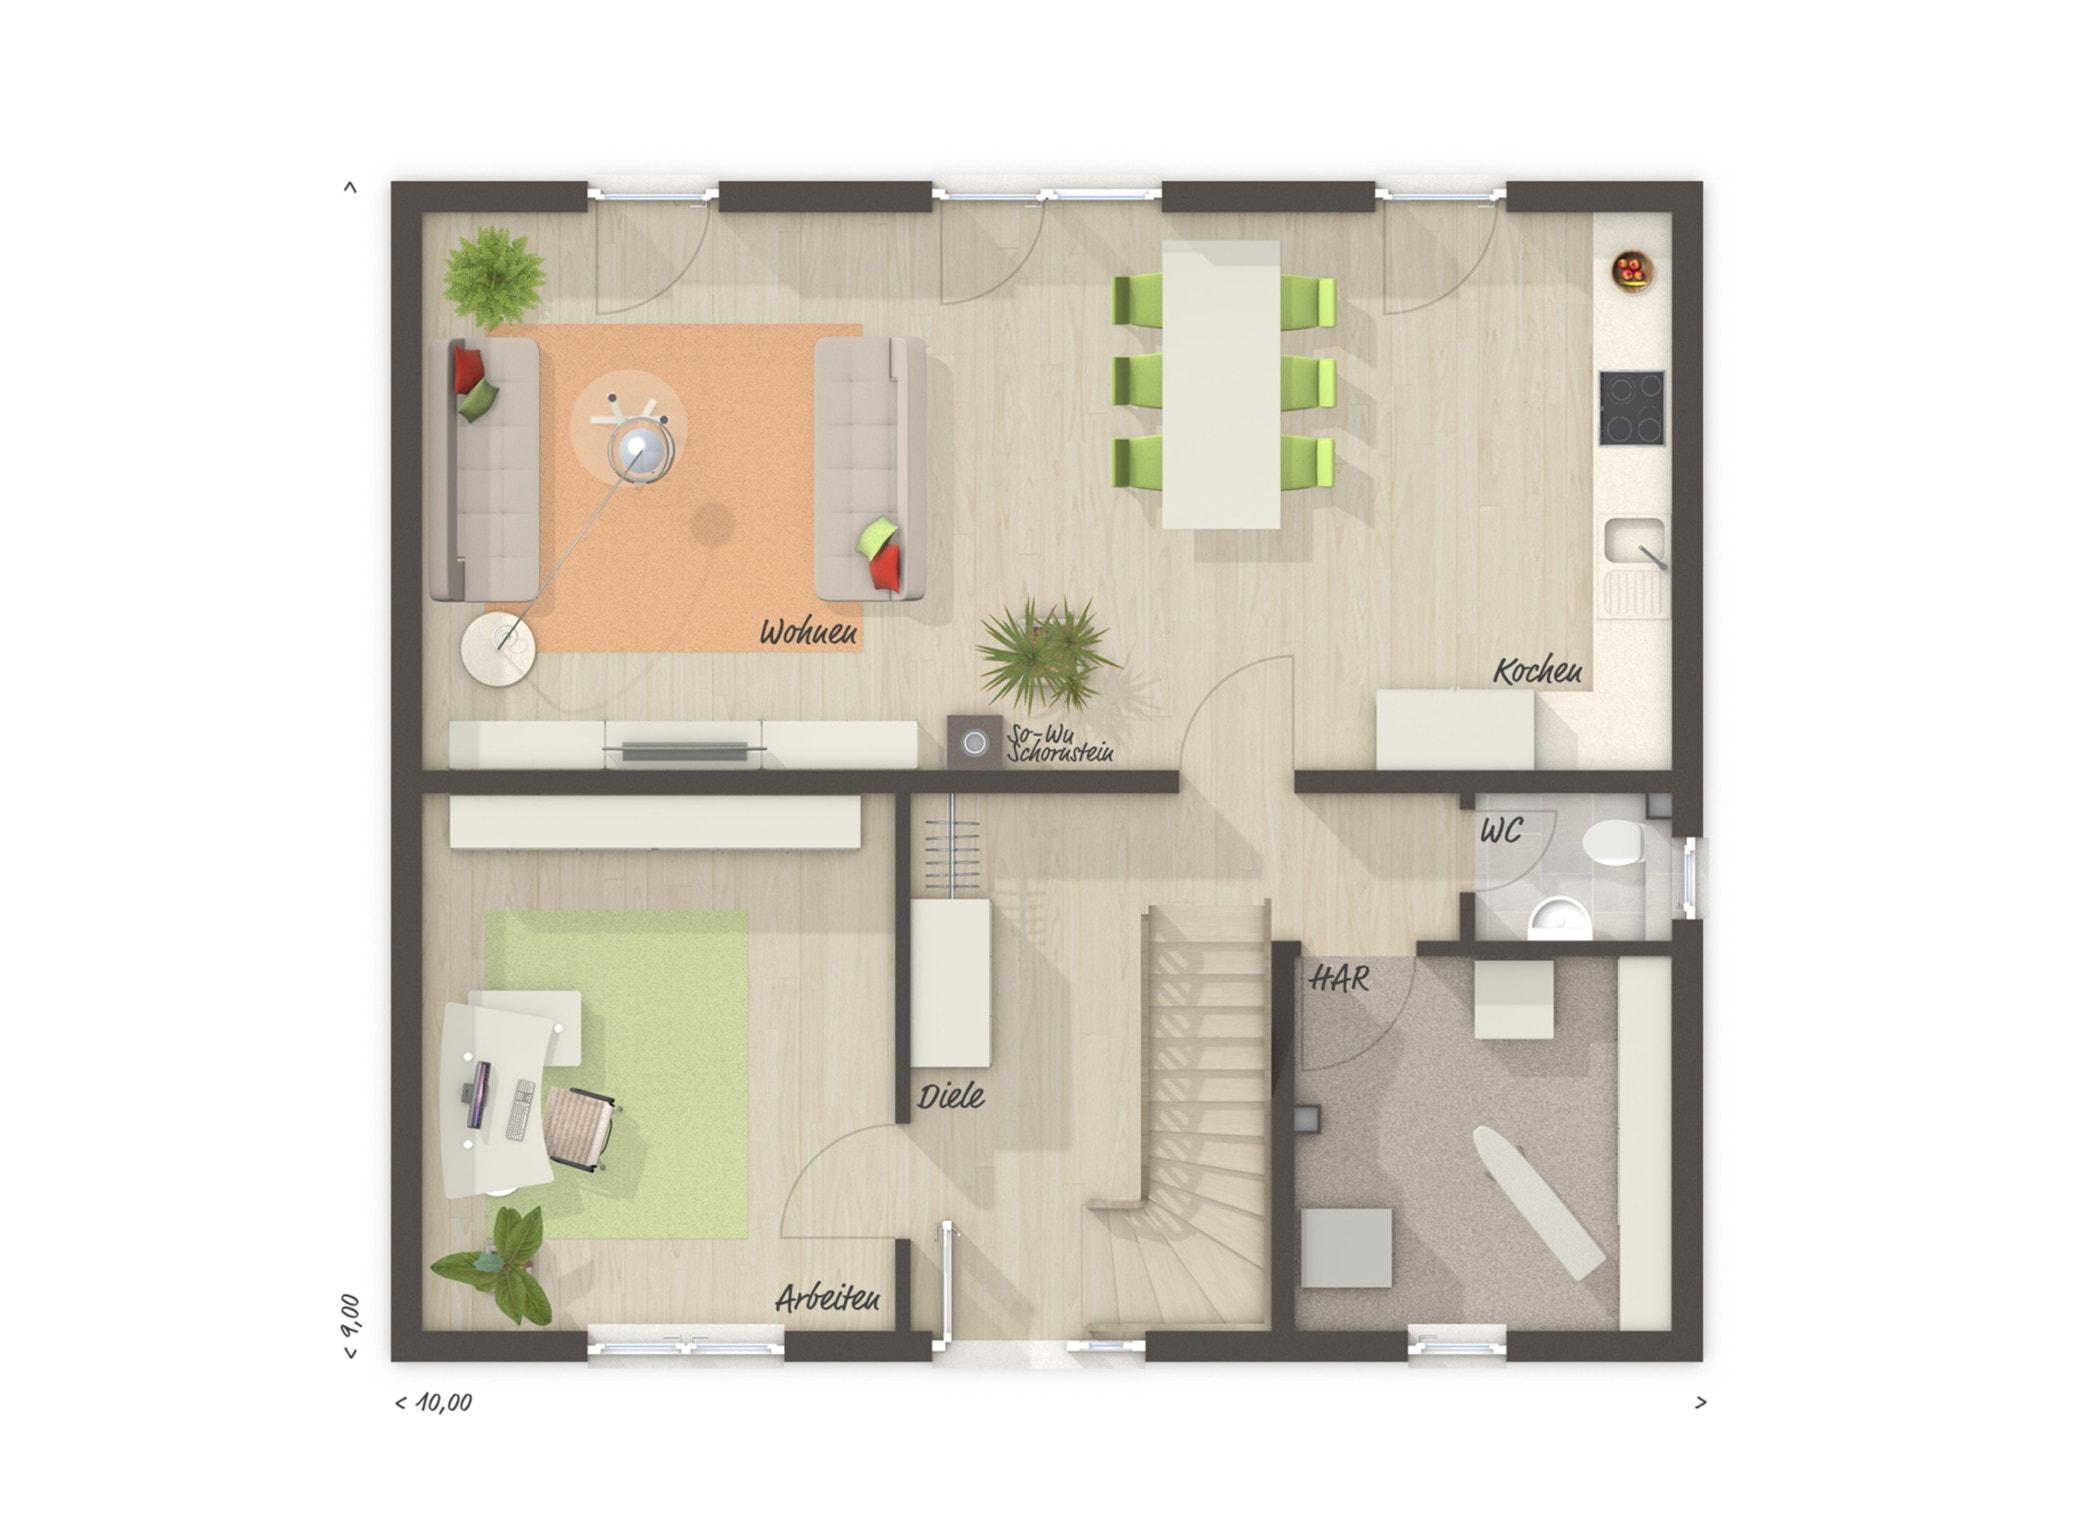 Grundriss Einfamilienhaus Erdgeschoss offene Küche & großes Büro, 6 Zimmer, 130 qm - Massivhaus bauen Ideen Town Country Haus FLAIR 134 - HausbauDirekt.de